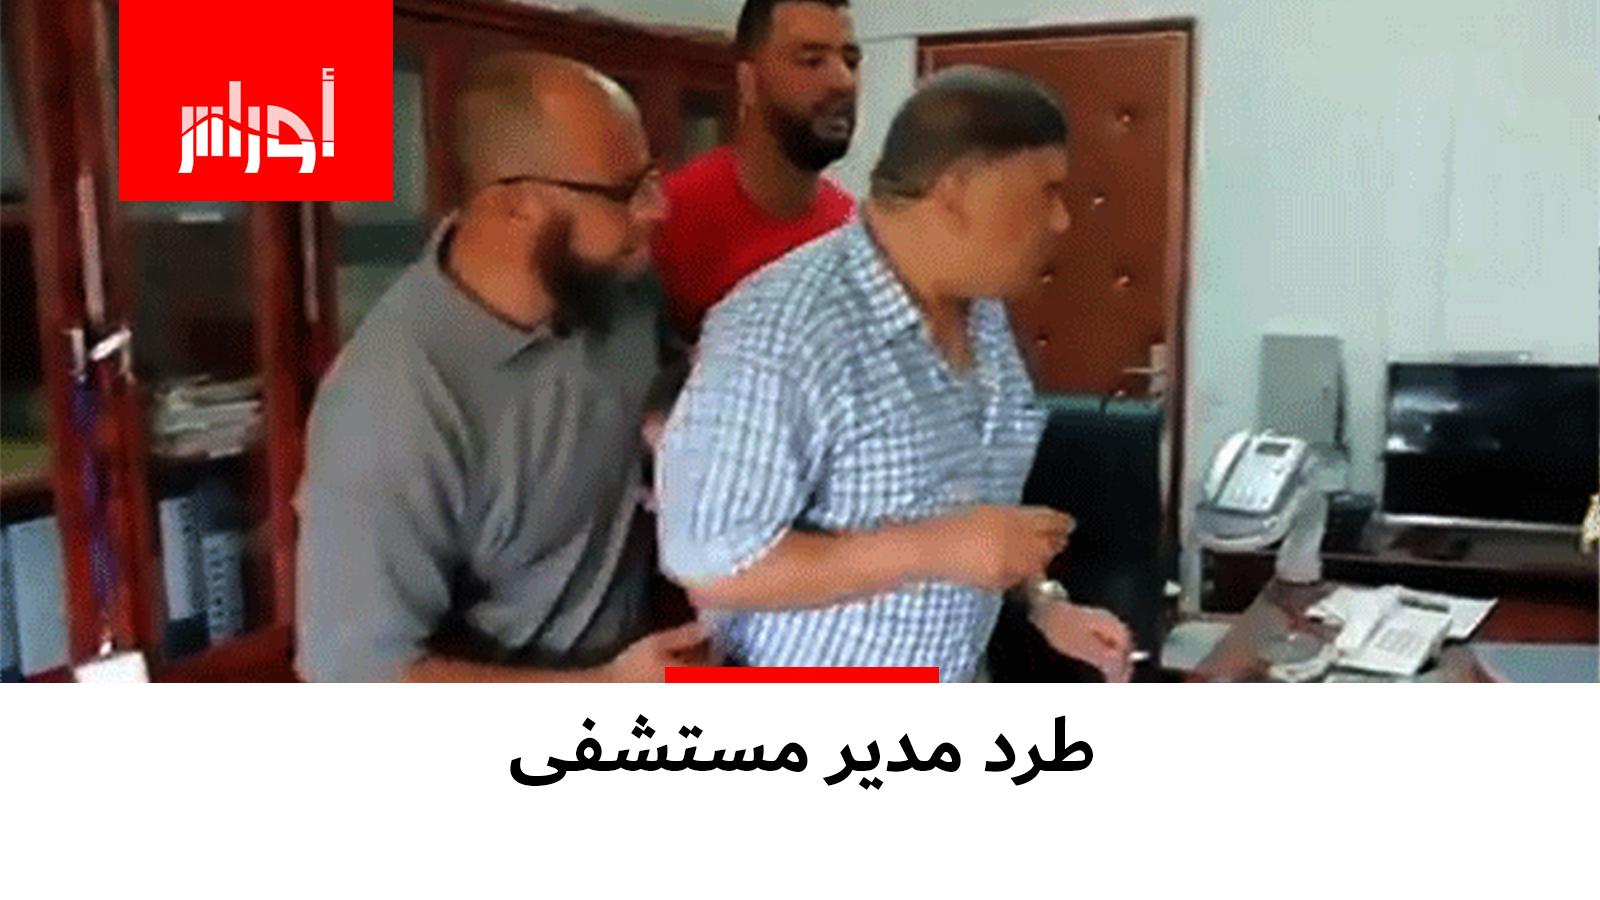 هكذا طرد مواطنون من عليلة مدير مستشفى من مكتبه وتم تصوير العملية بالكامل.. هل توافق على التصرف؟